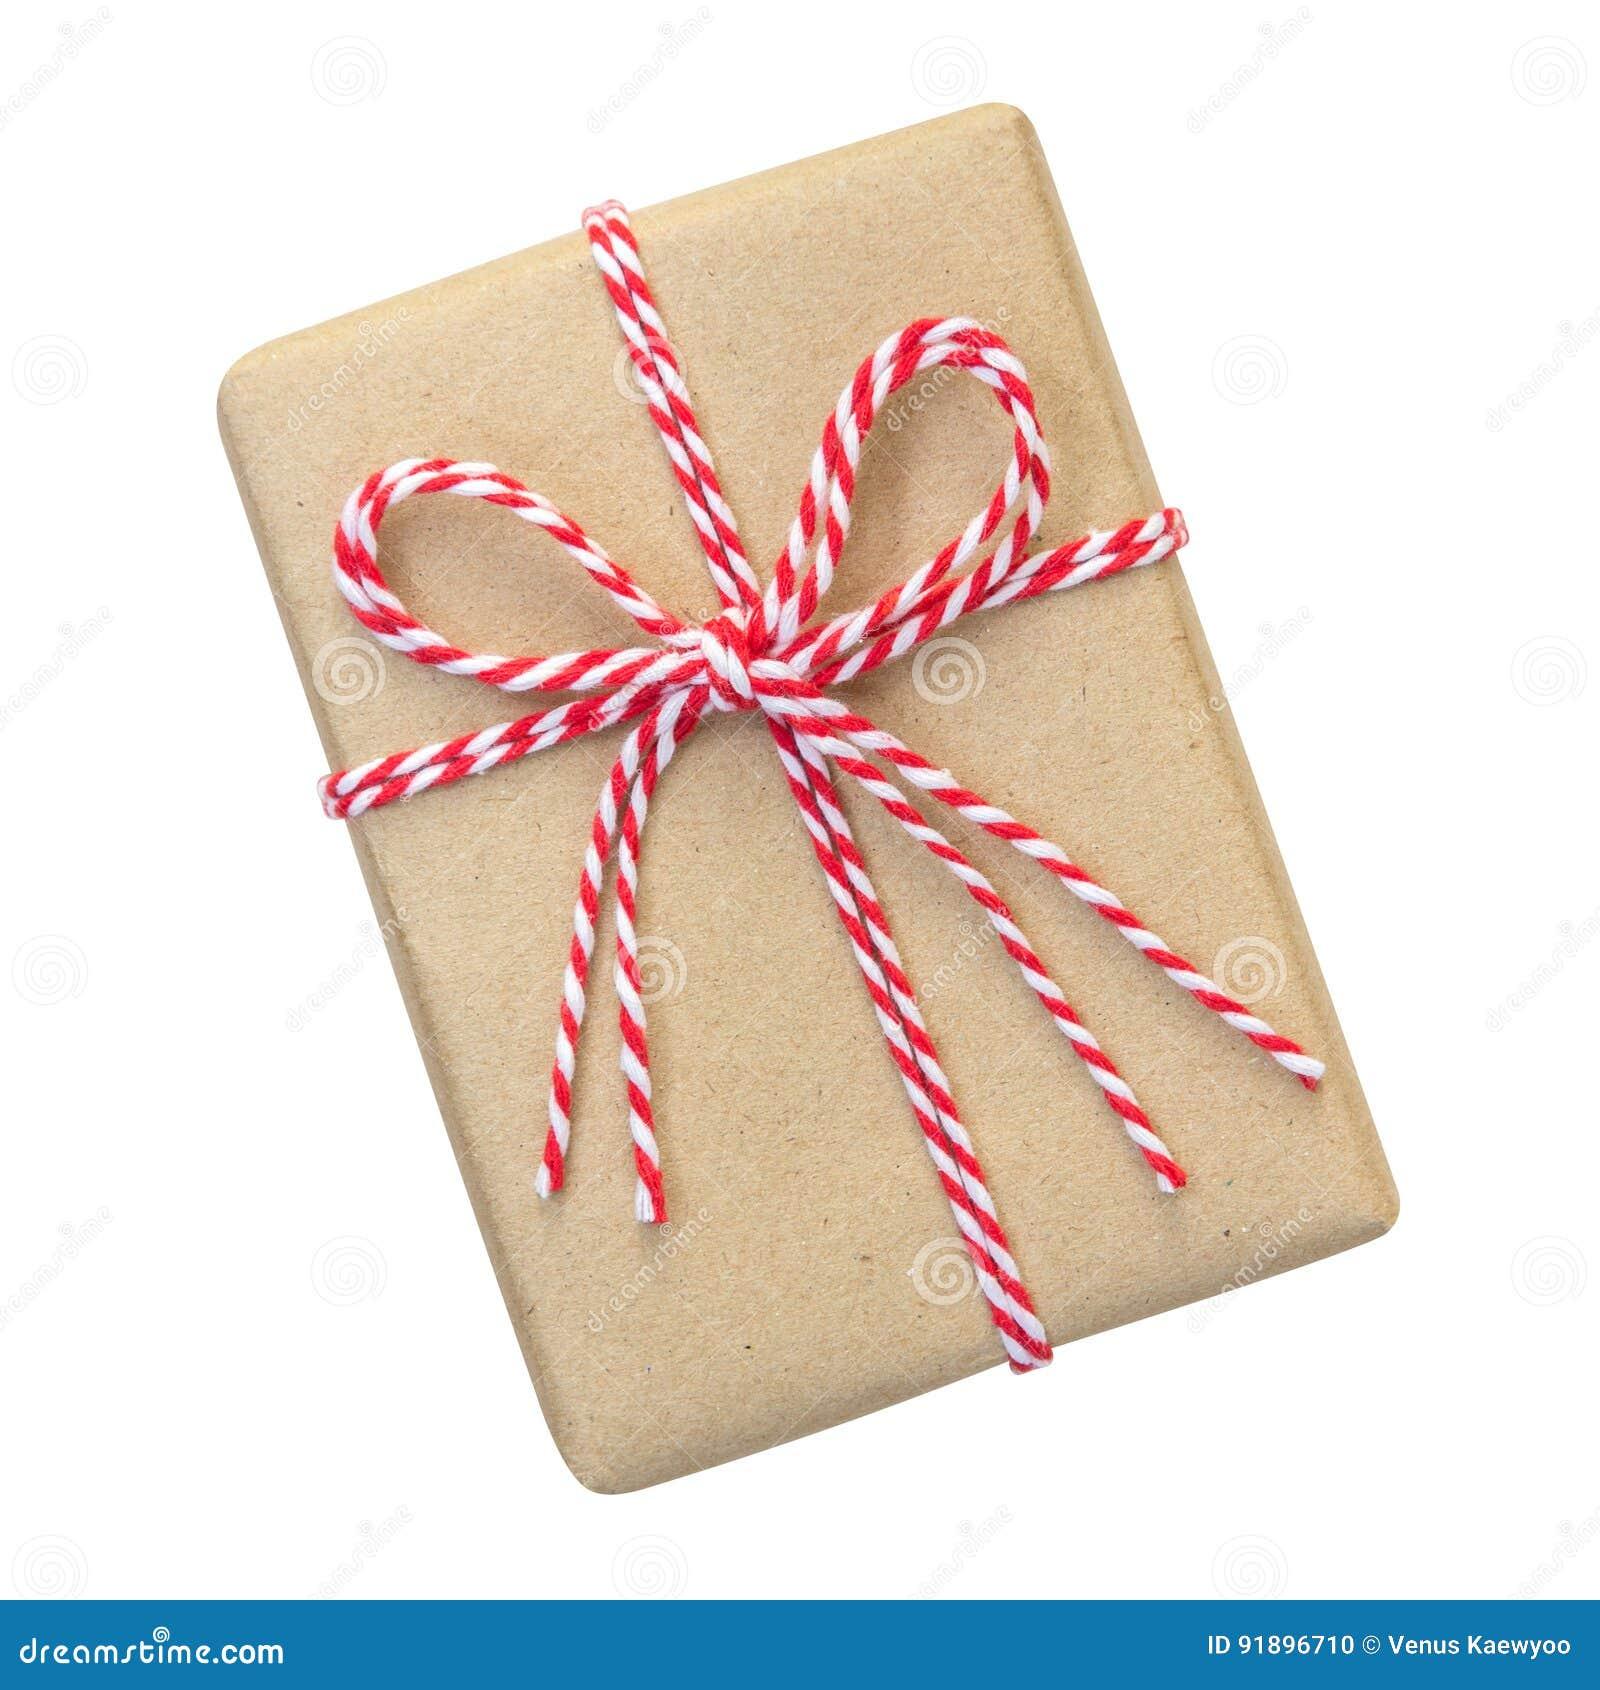 Geschenkbox eingewickelt im braunen Recyclingpapier mit rotem und weißem Seil